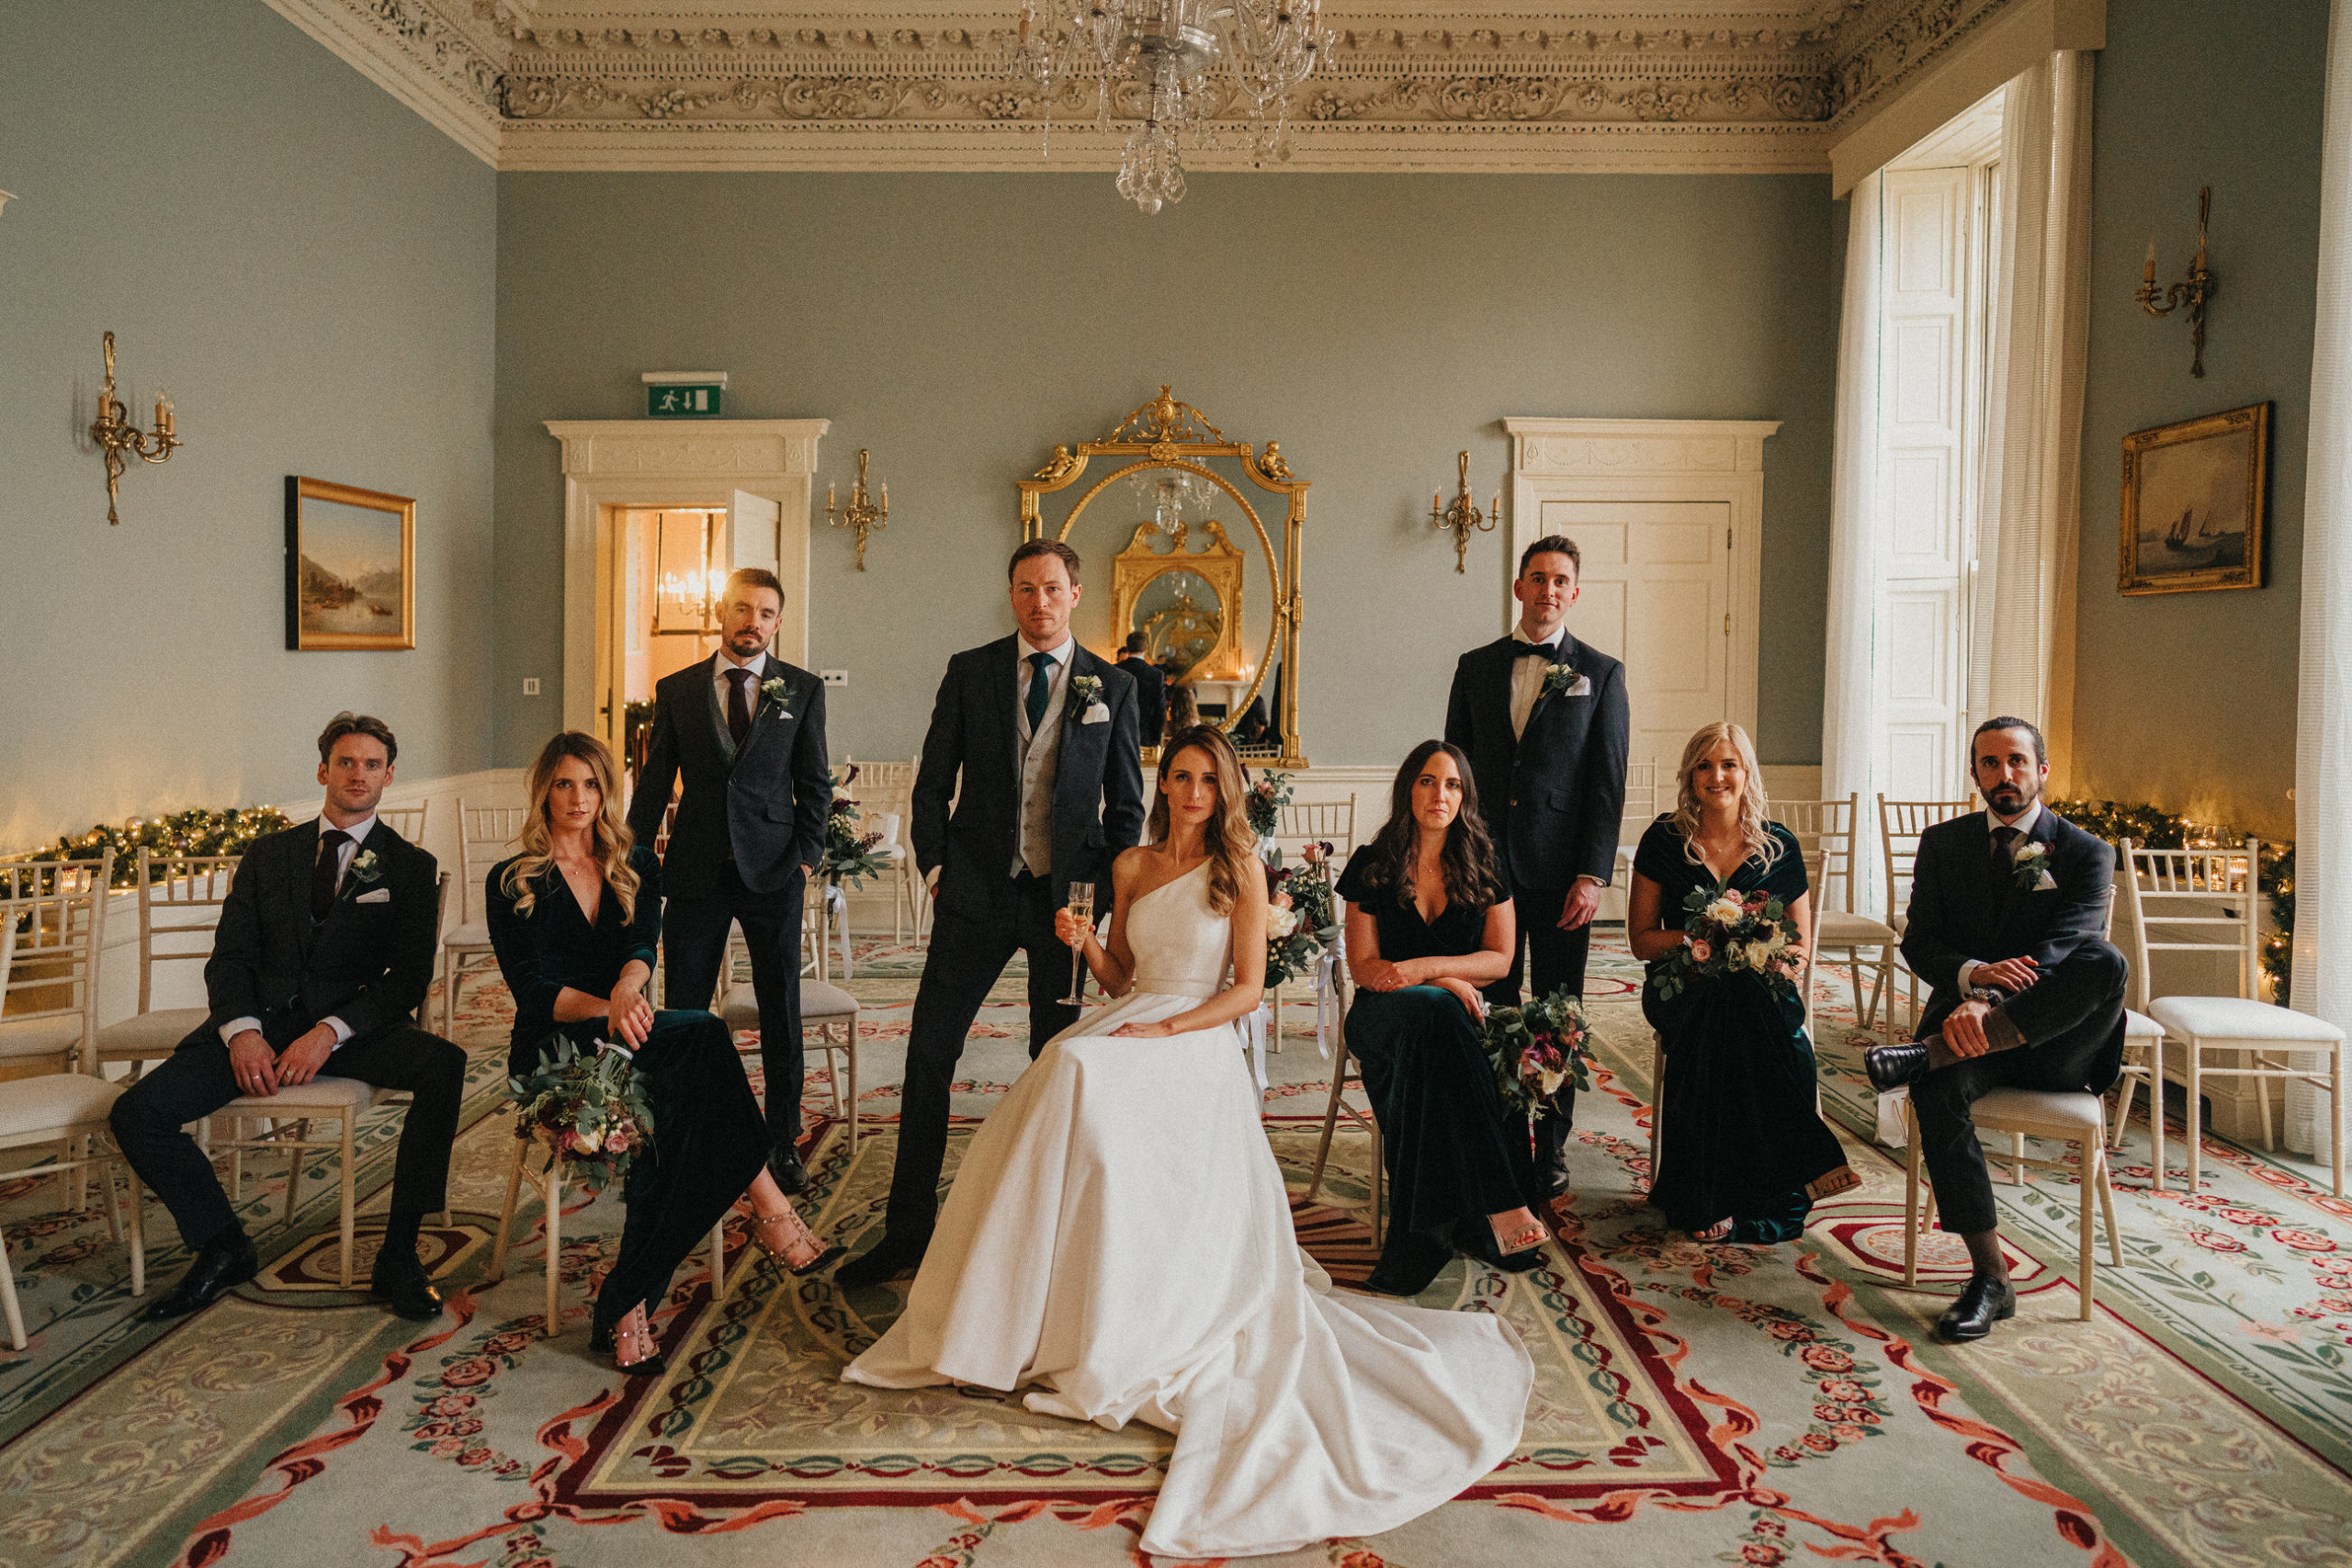 Wedding-photographer-Dublin-Pawel-Bebenca 66